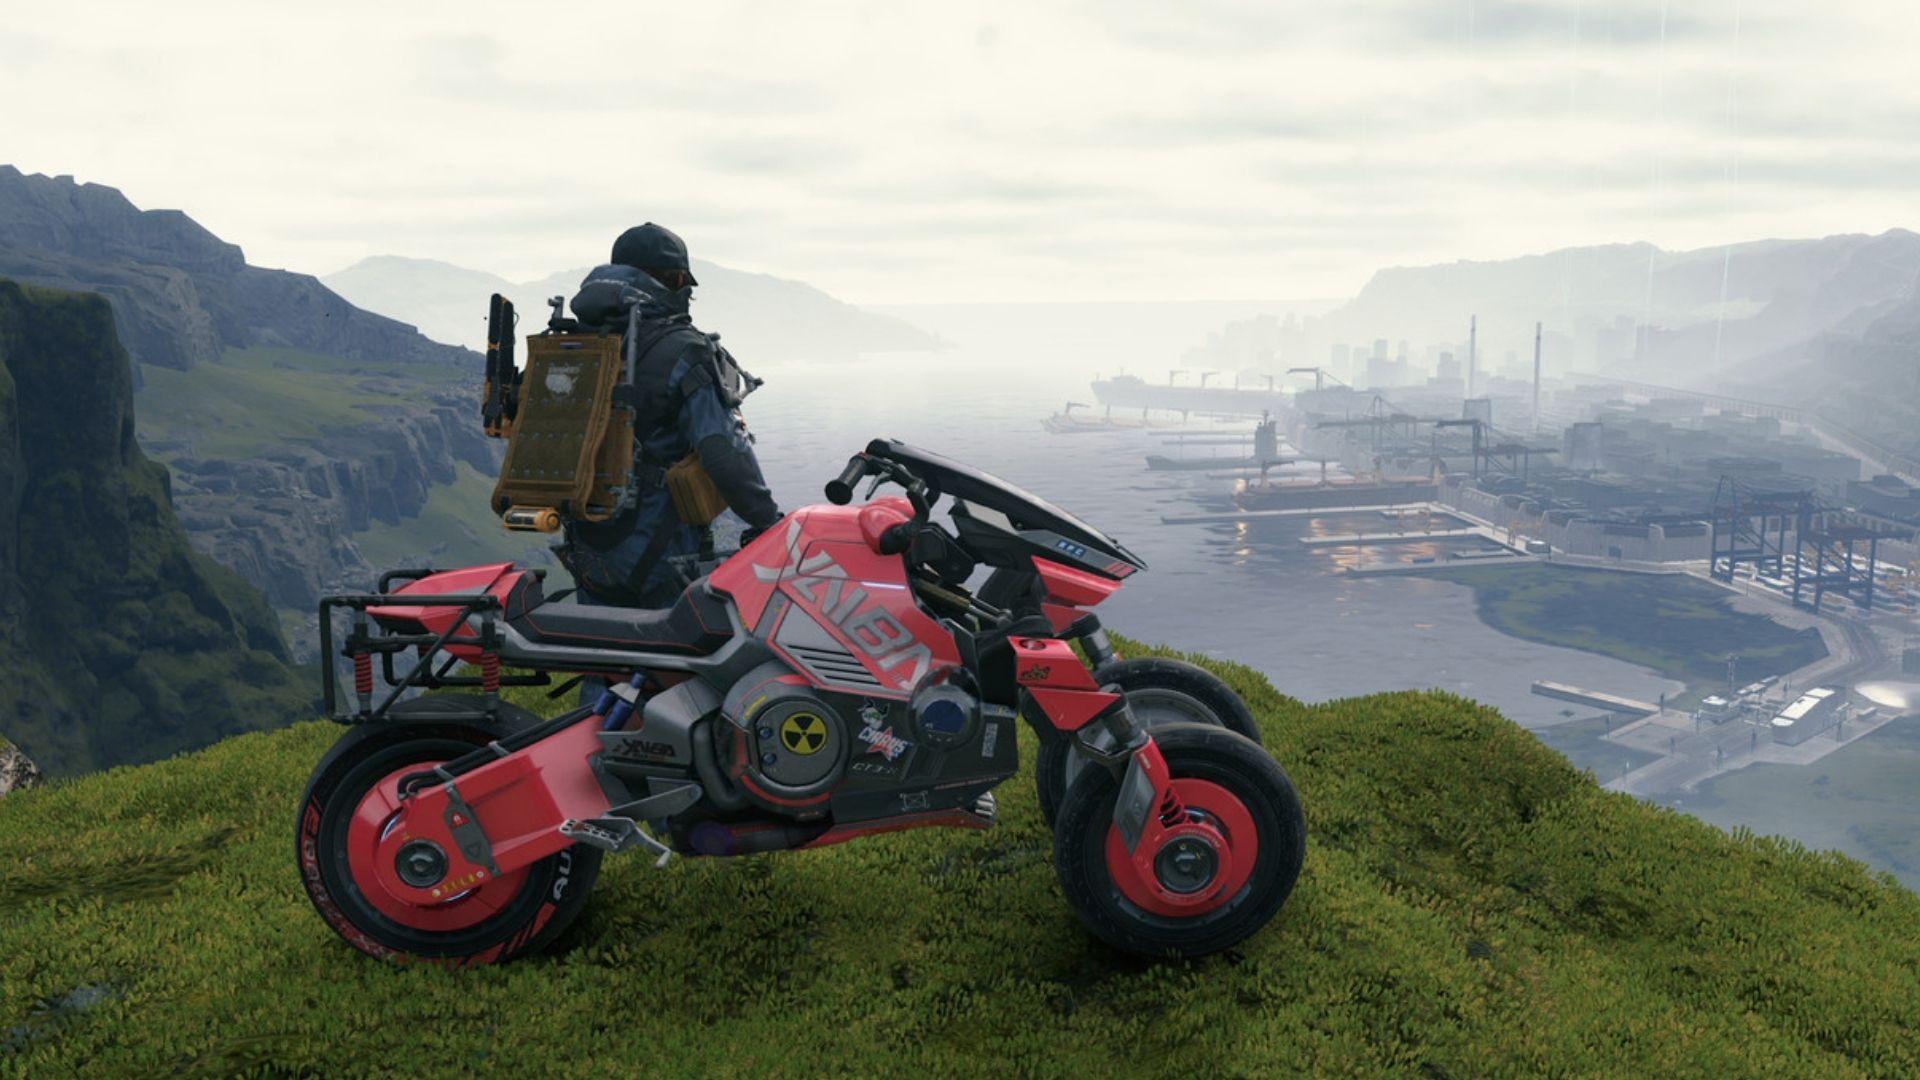 Personagem Sam, de Death Stranding, de costas junto a uma moto enquanto observa de longe uma cidade em construção